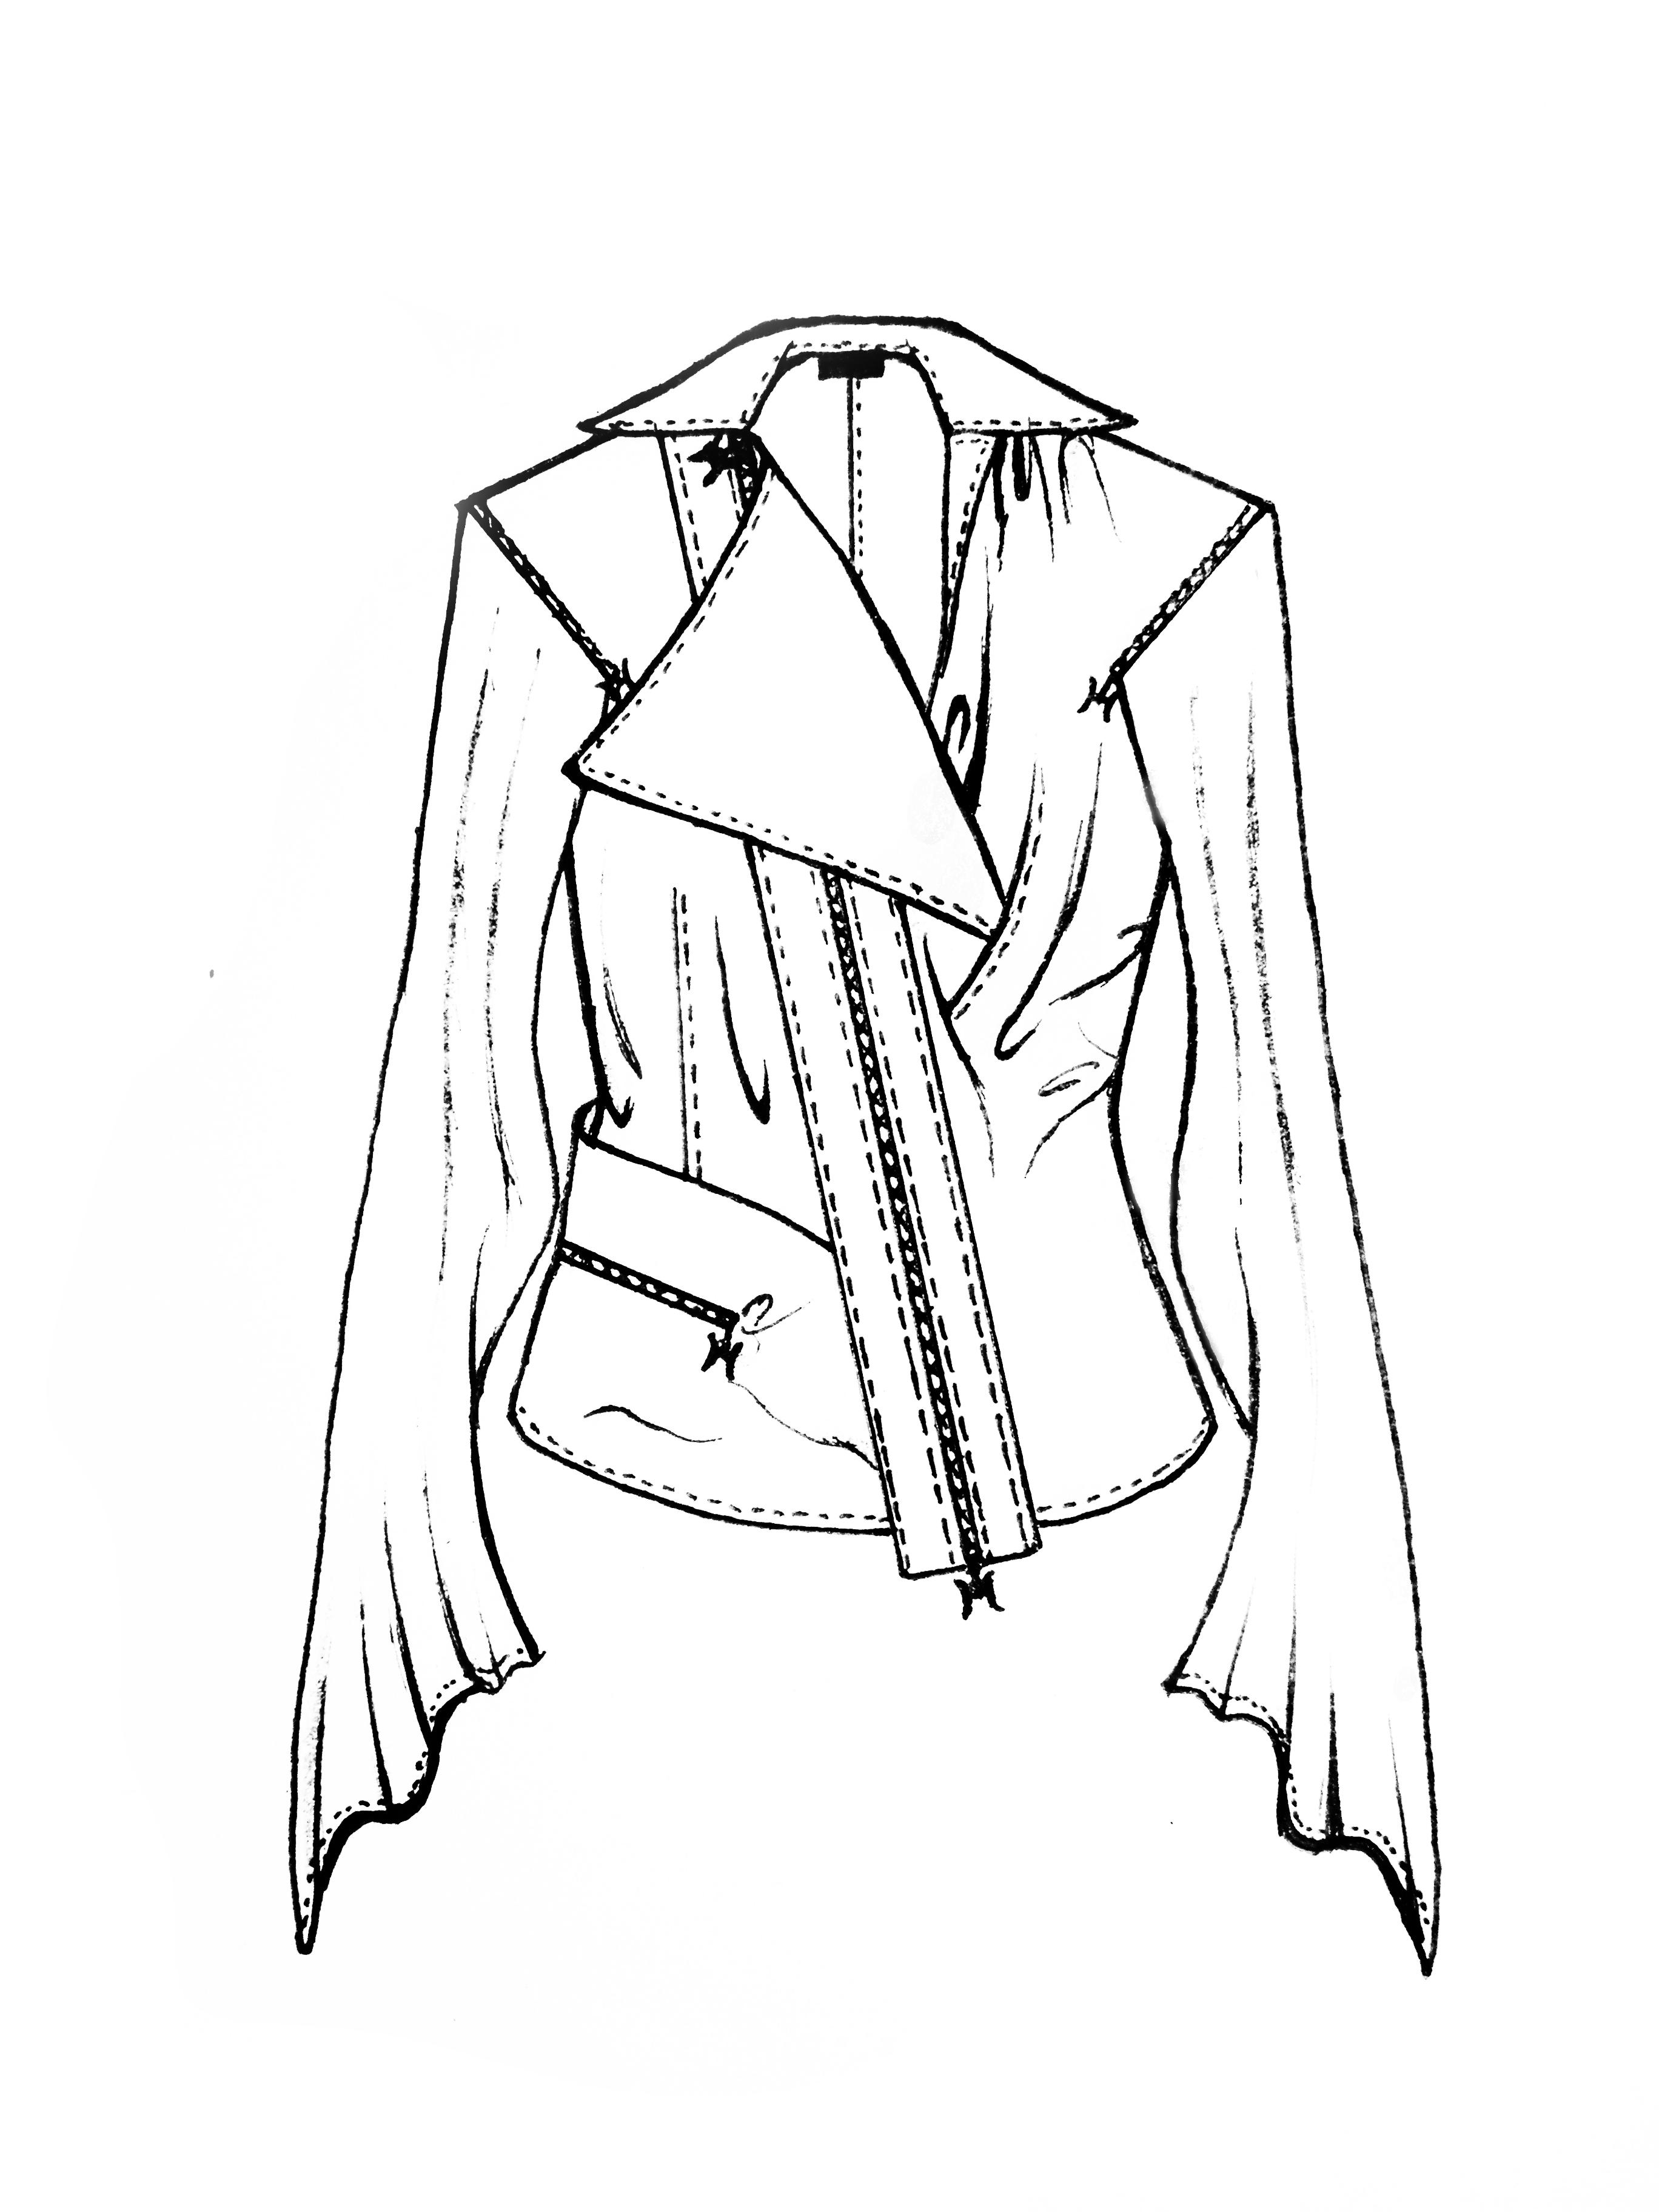 袖子款式图手绘